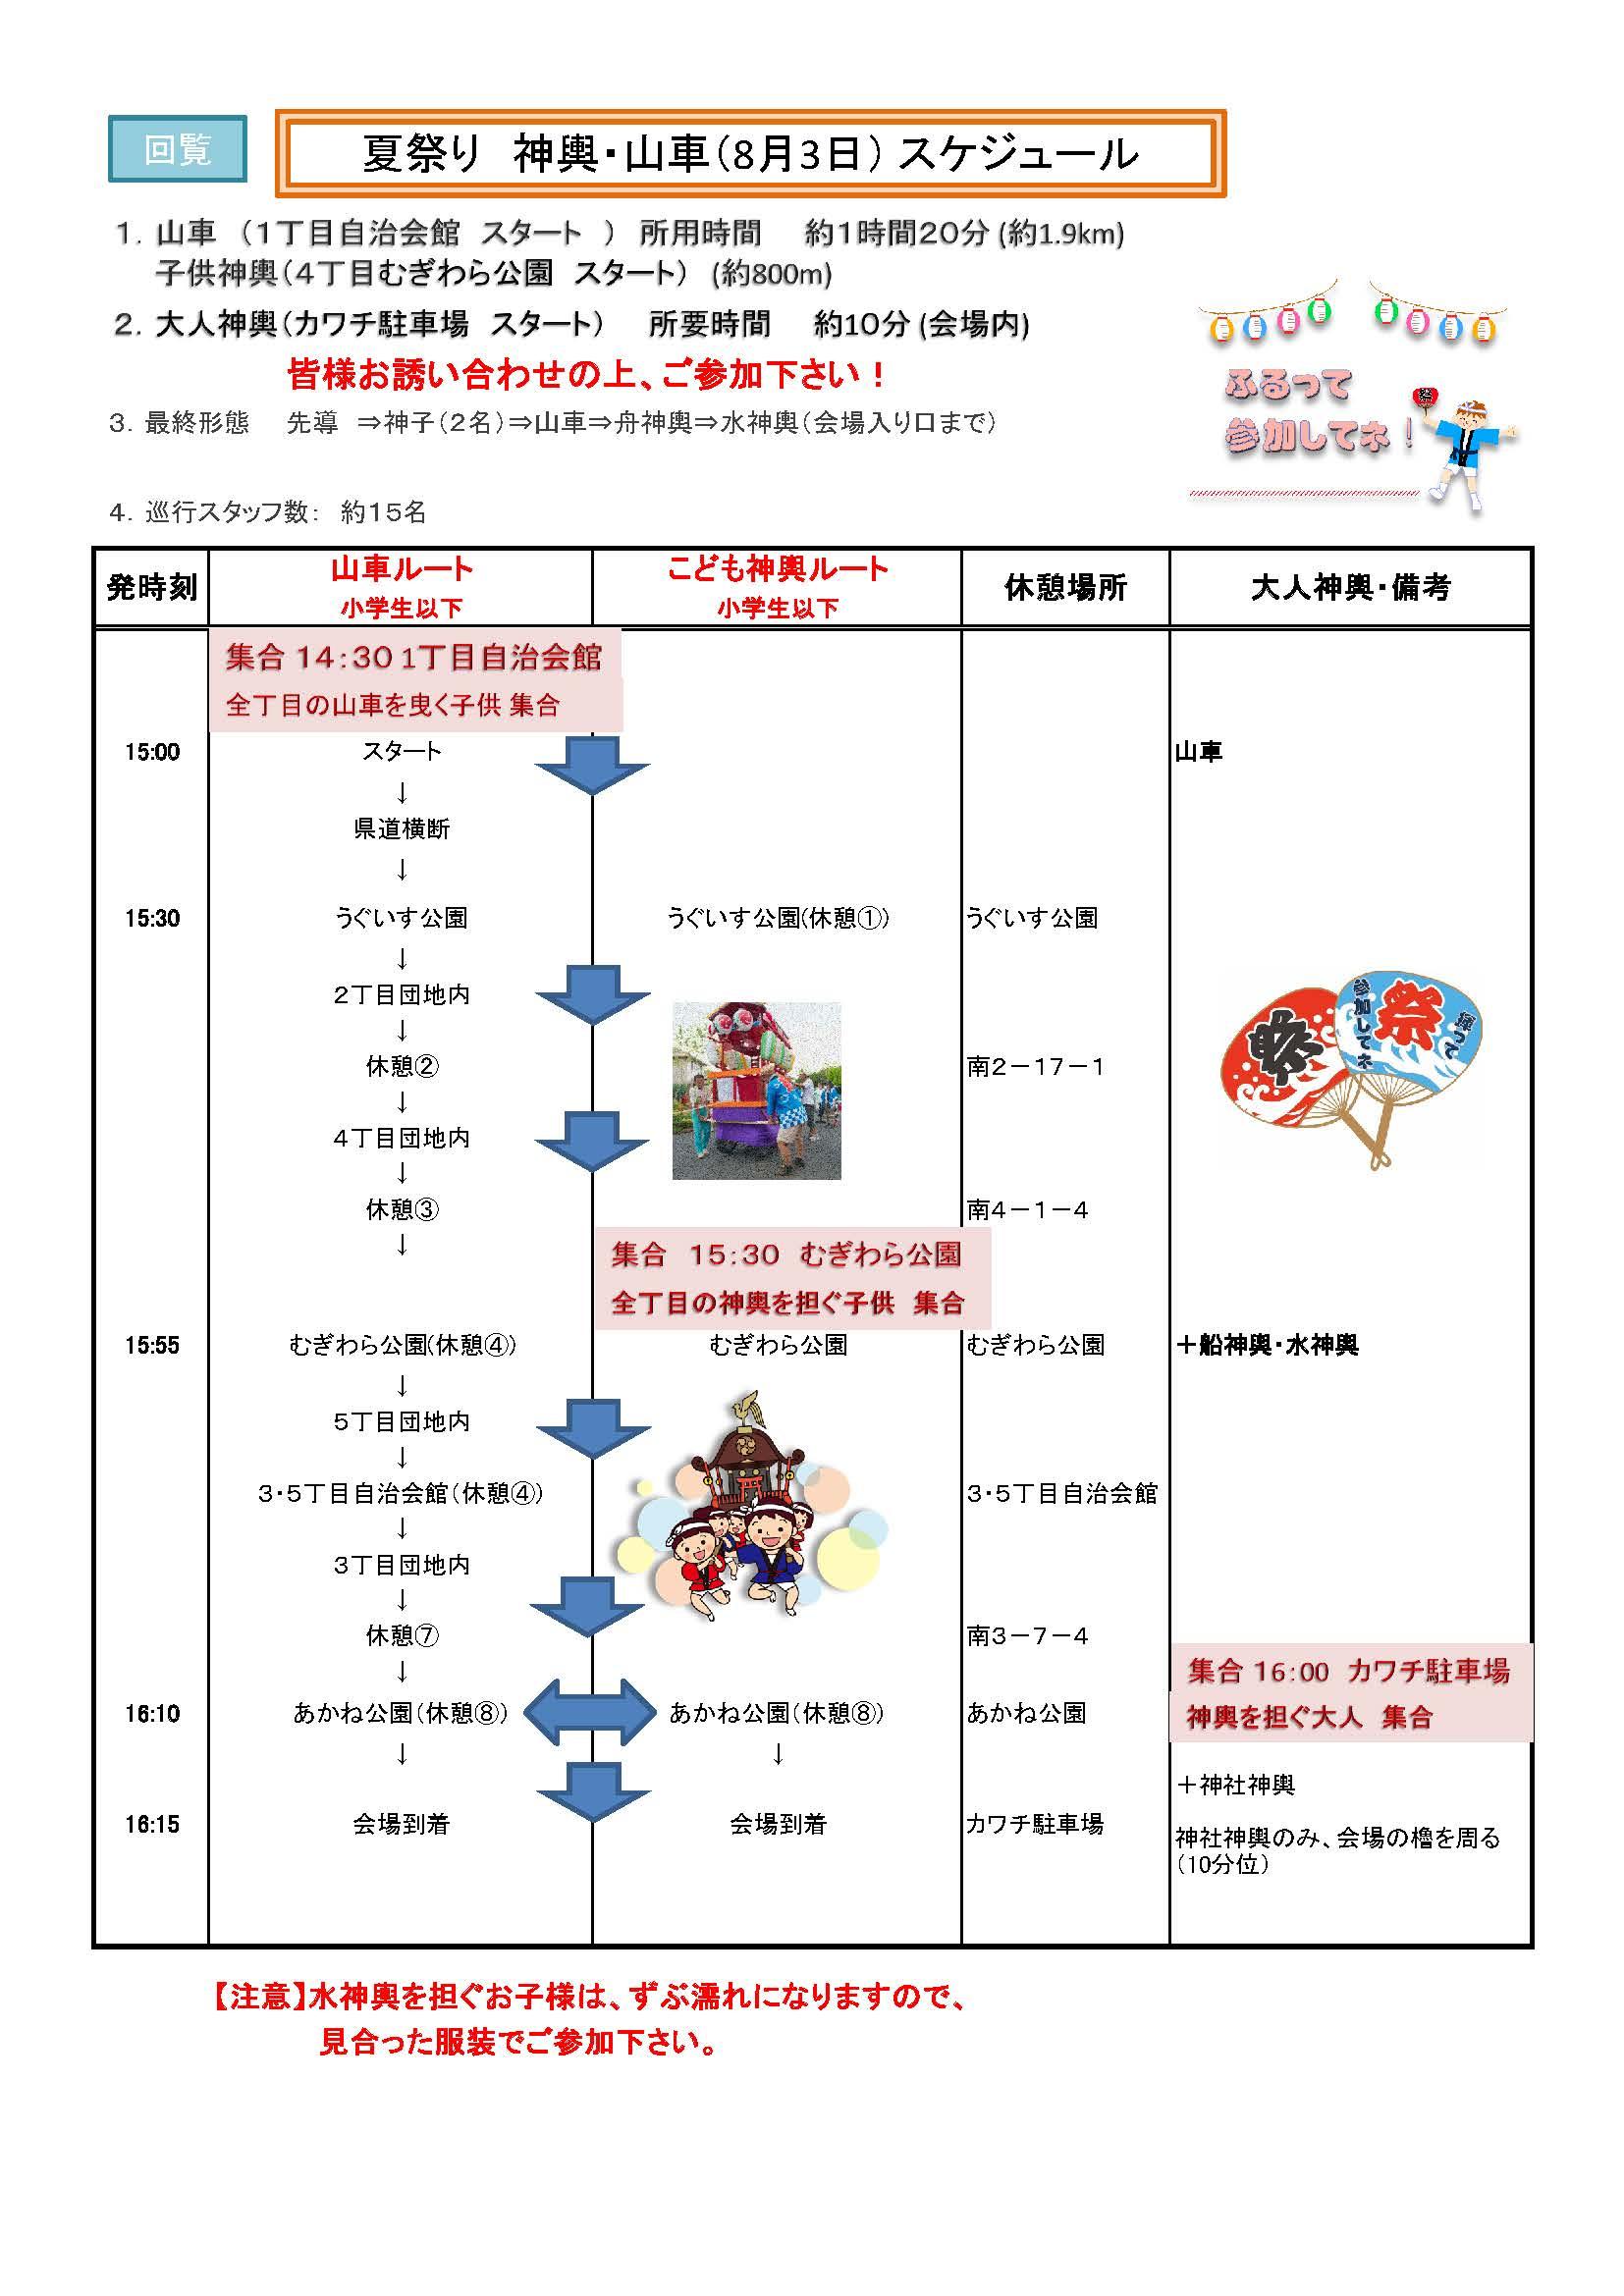 神輿・山車巡行計画表(2019版)